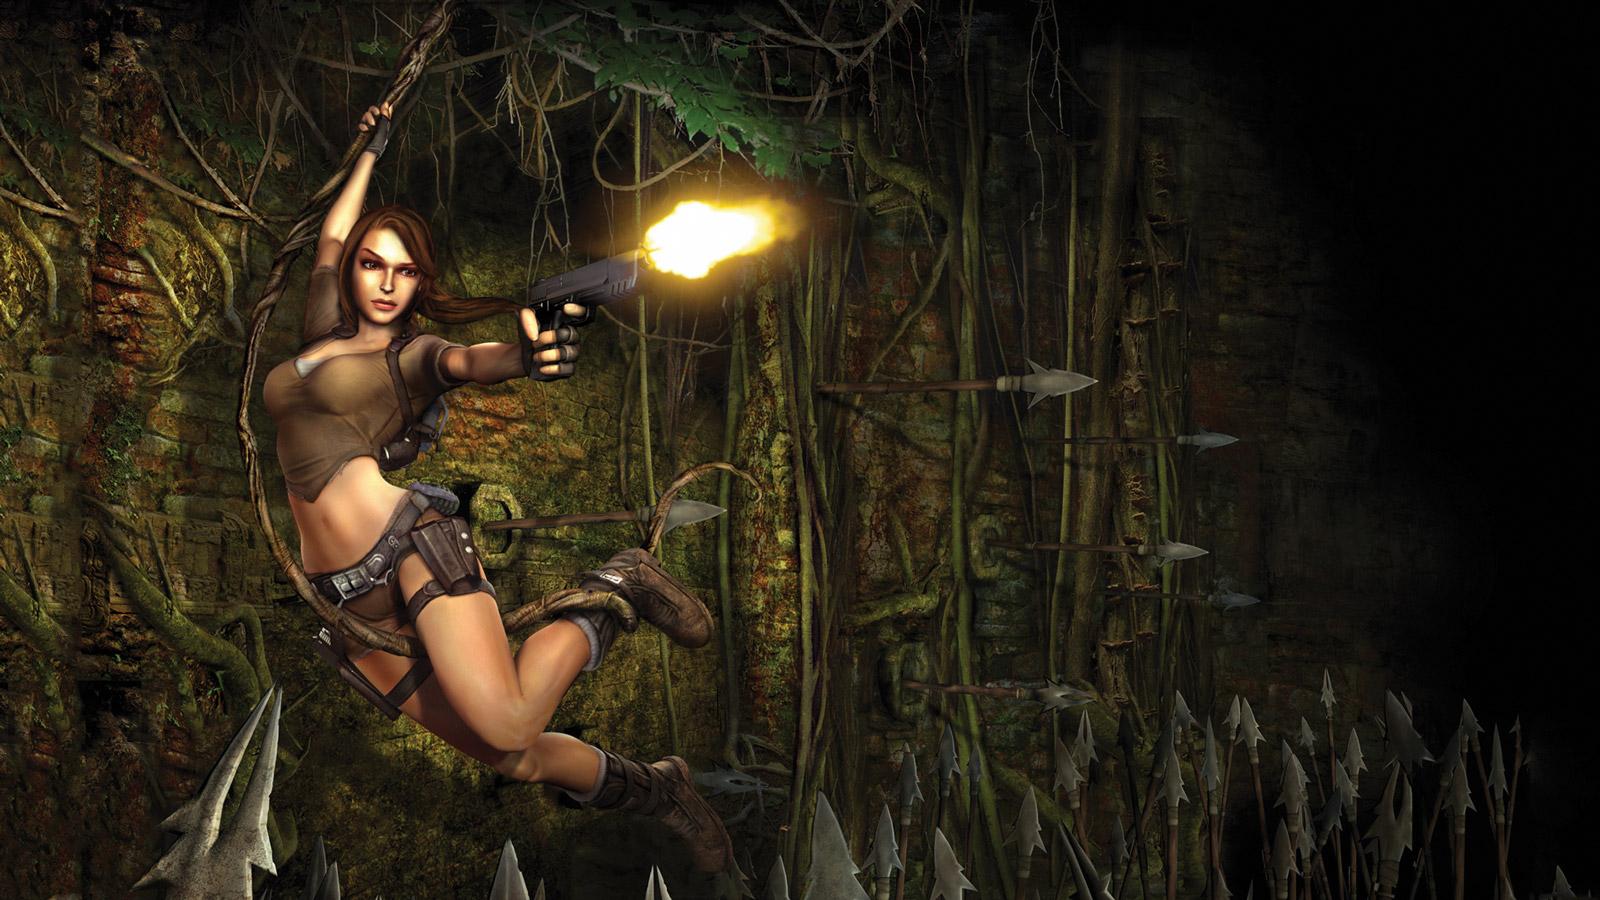 Free Tomb Raider: Legend Wallpaper in 1600x900